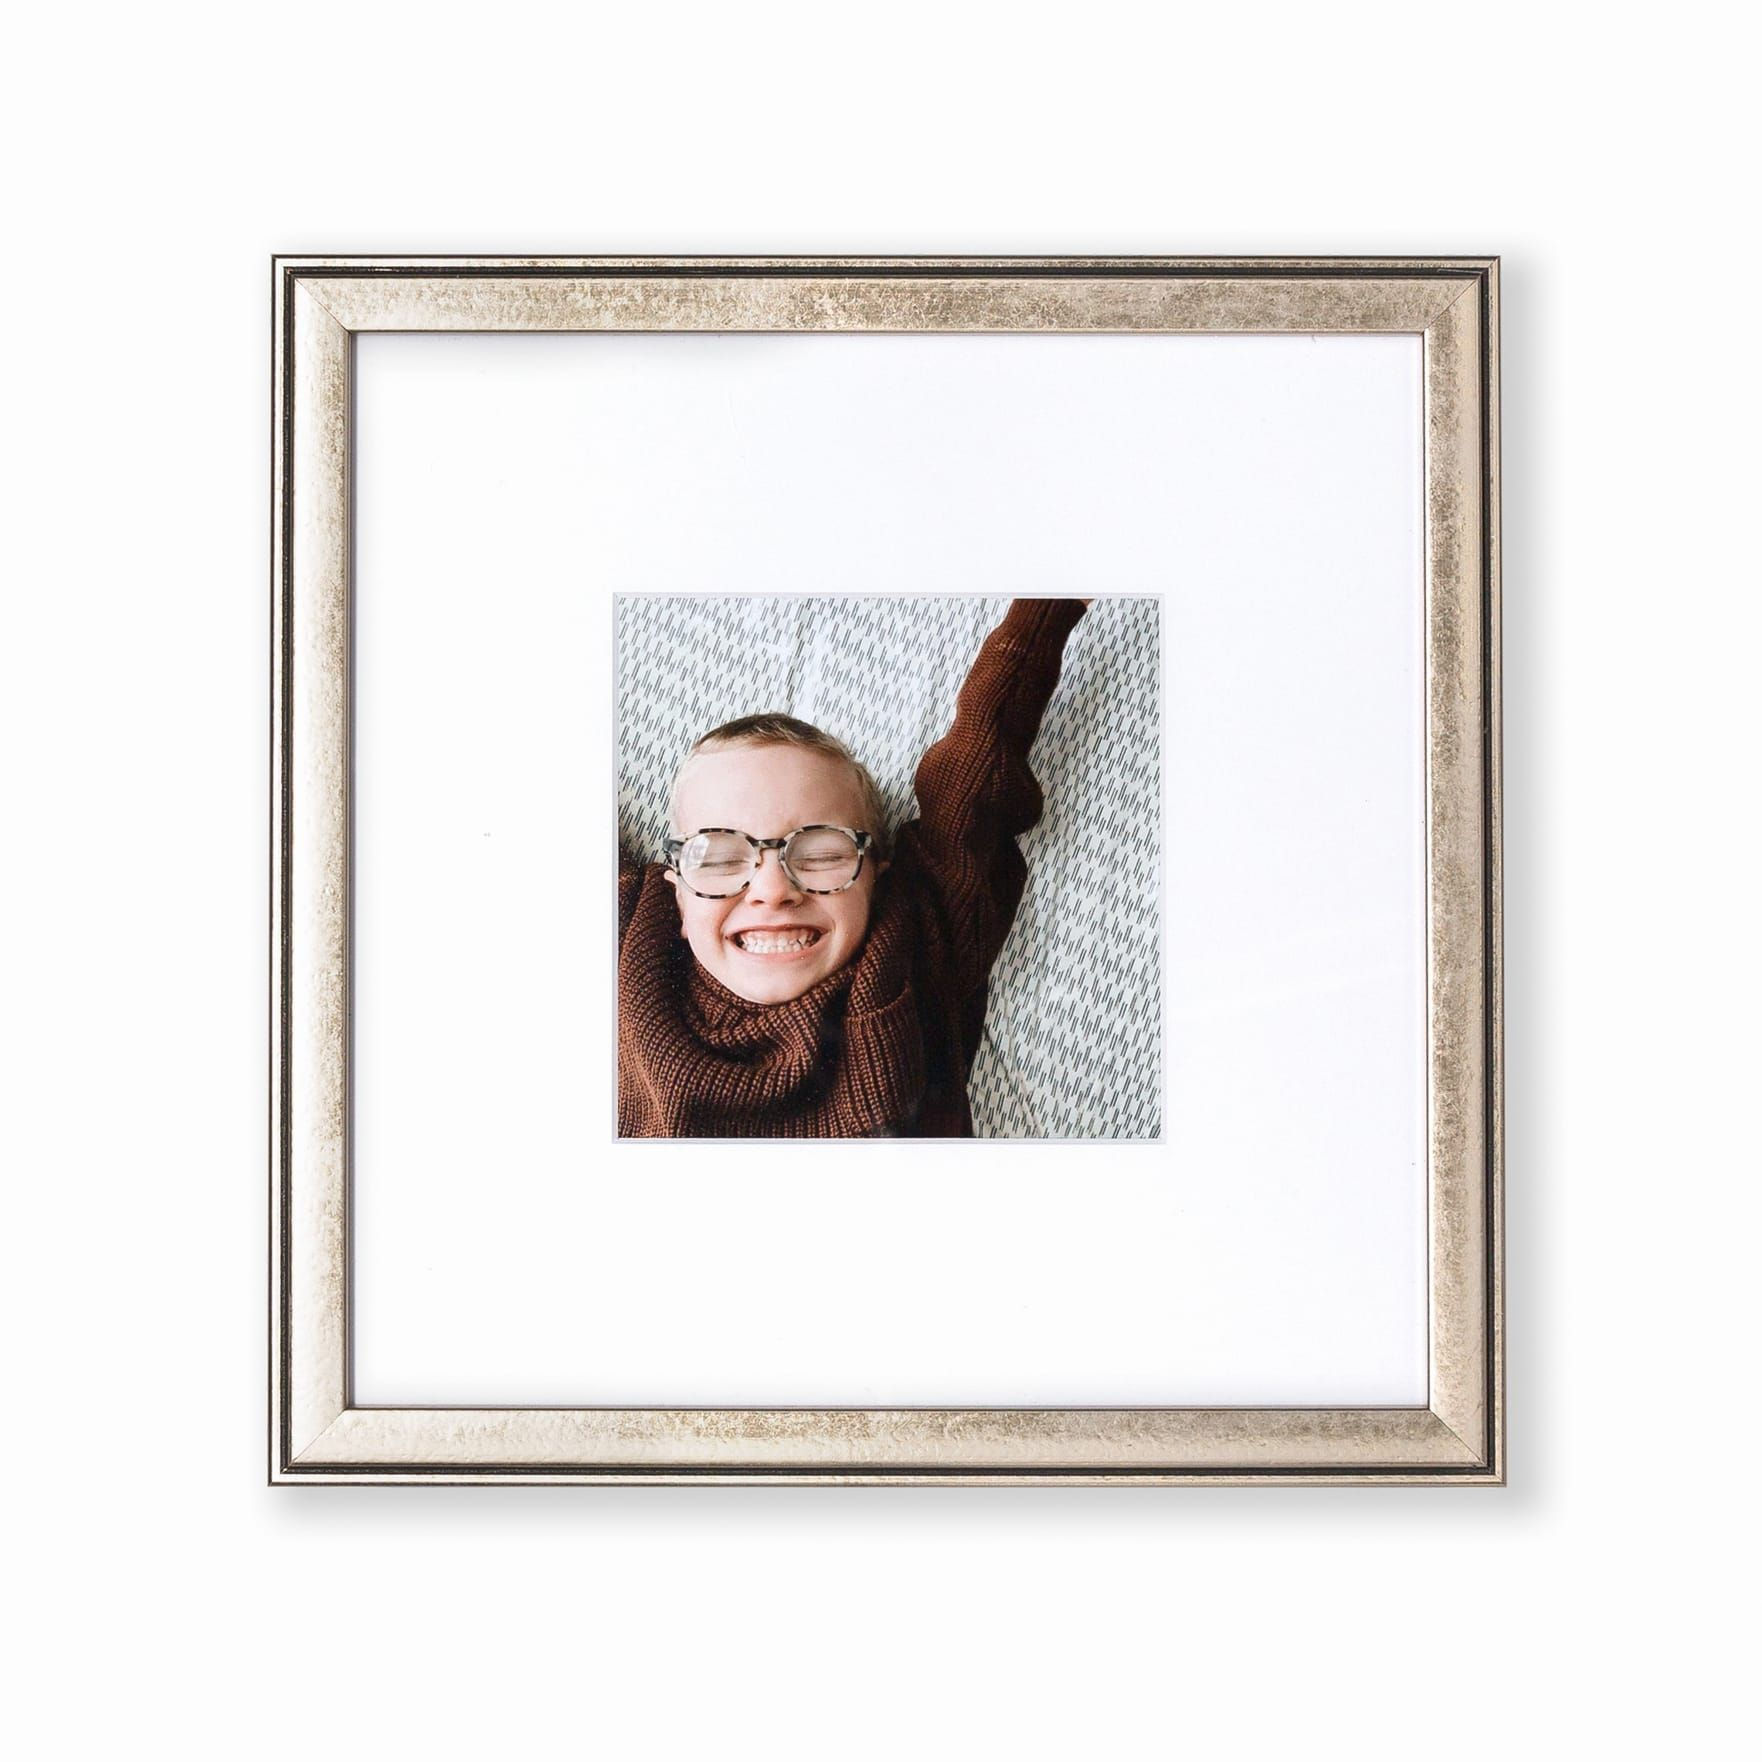 Get 2 Framed Instagram Photos for $50 | Framebridge